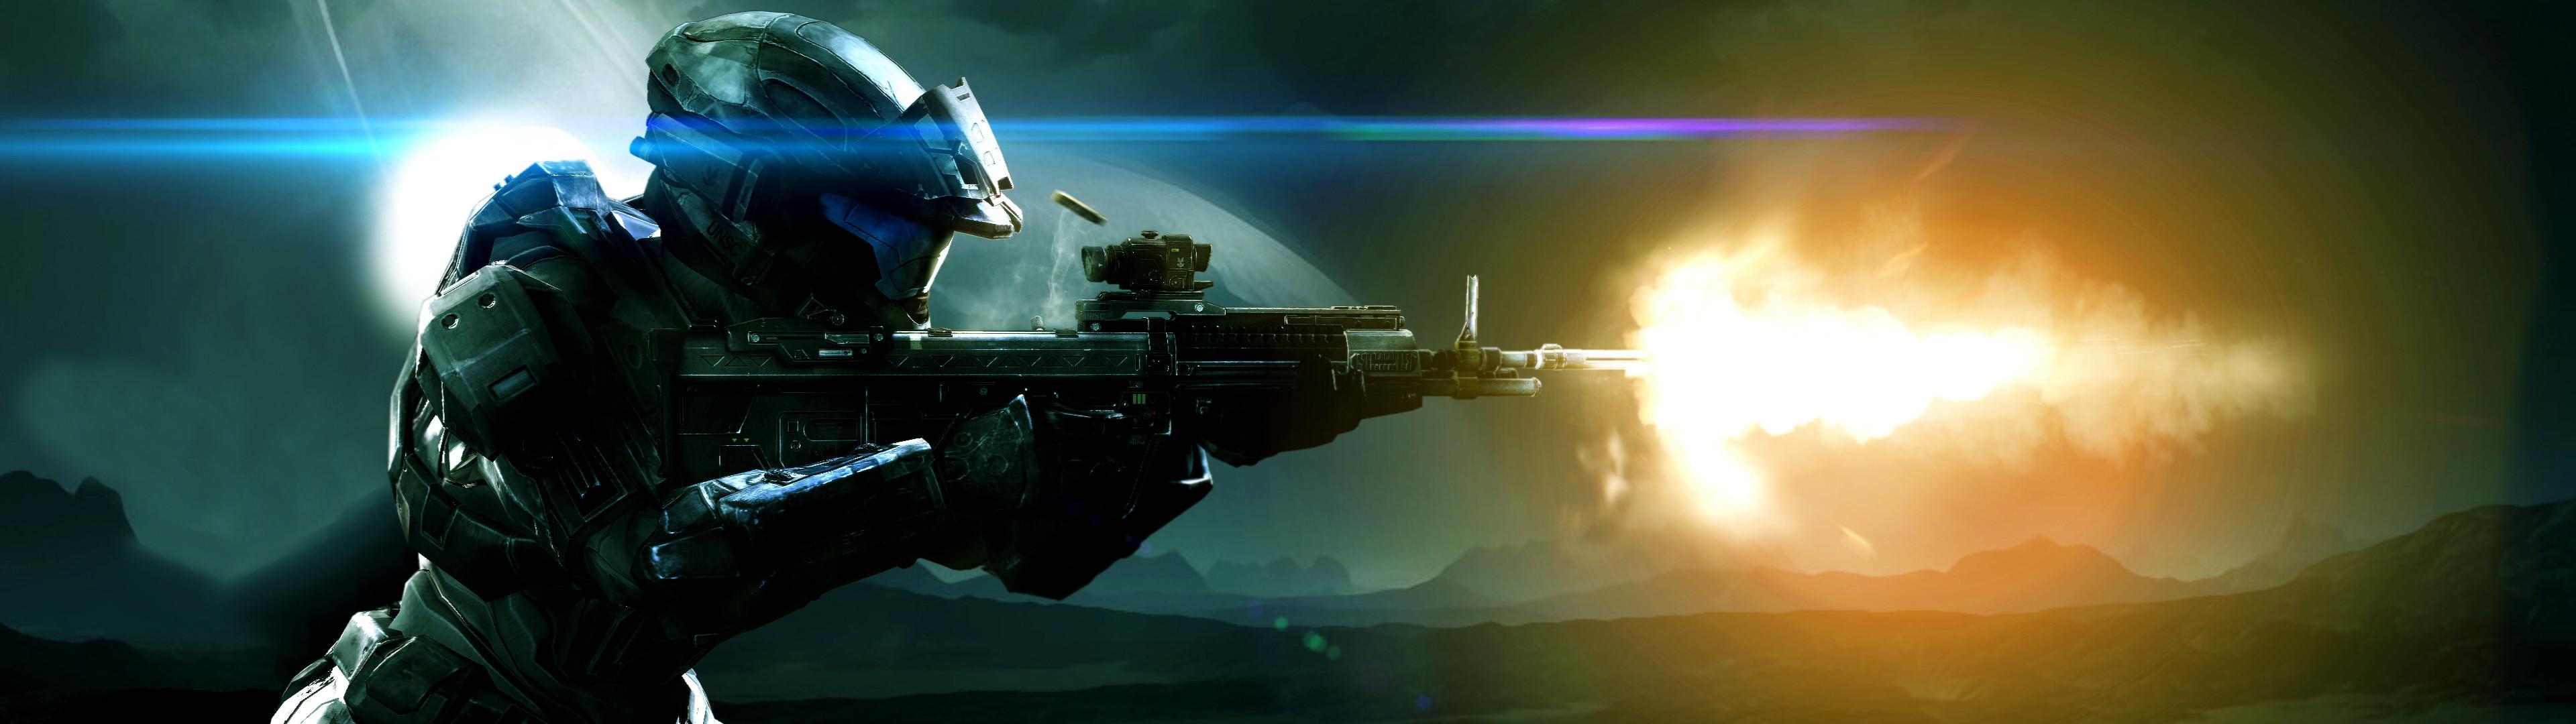 3840×1080] Halo – Spartan III